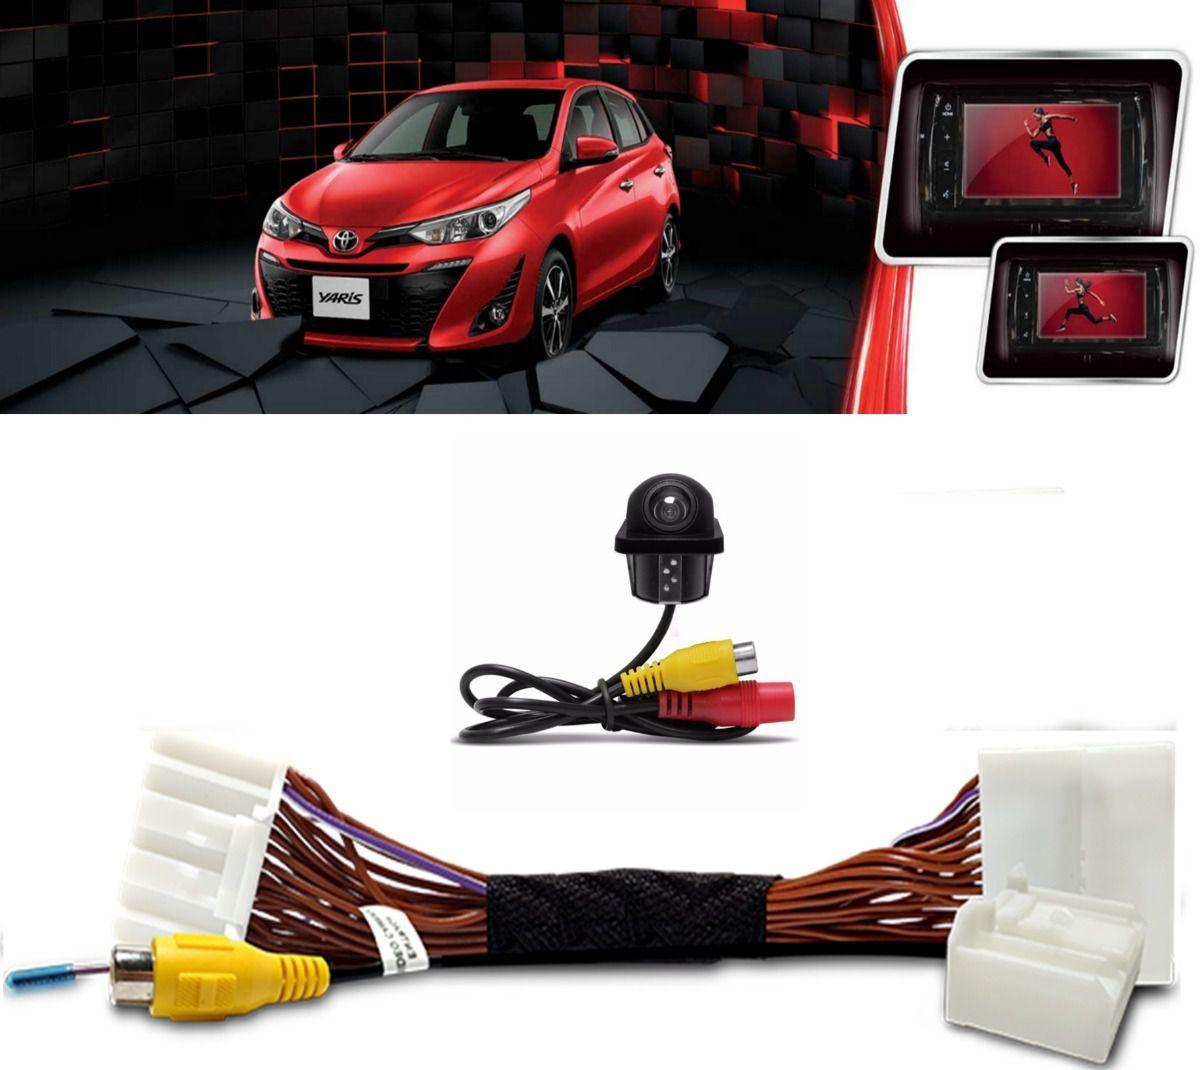 Desbloqueio de Tela Toyota Yaris + Câmera de ré